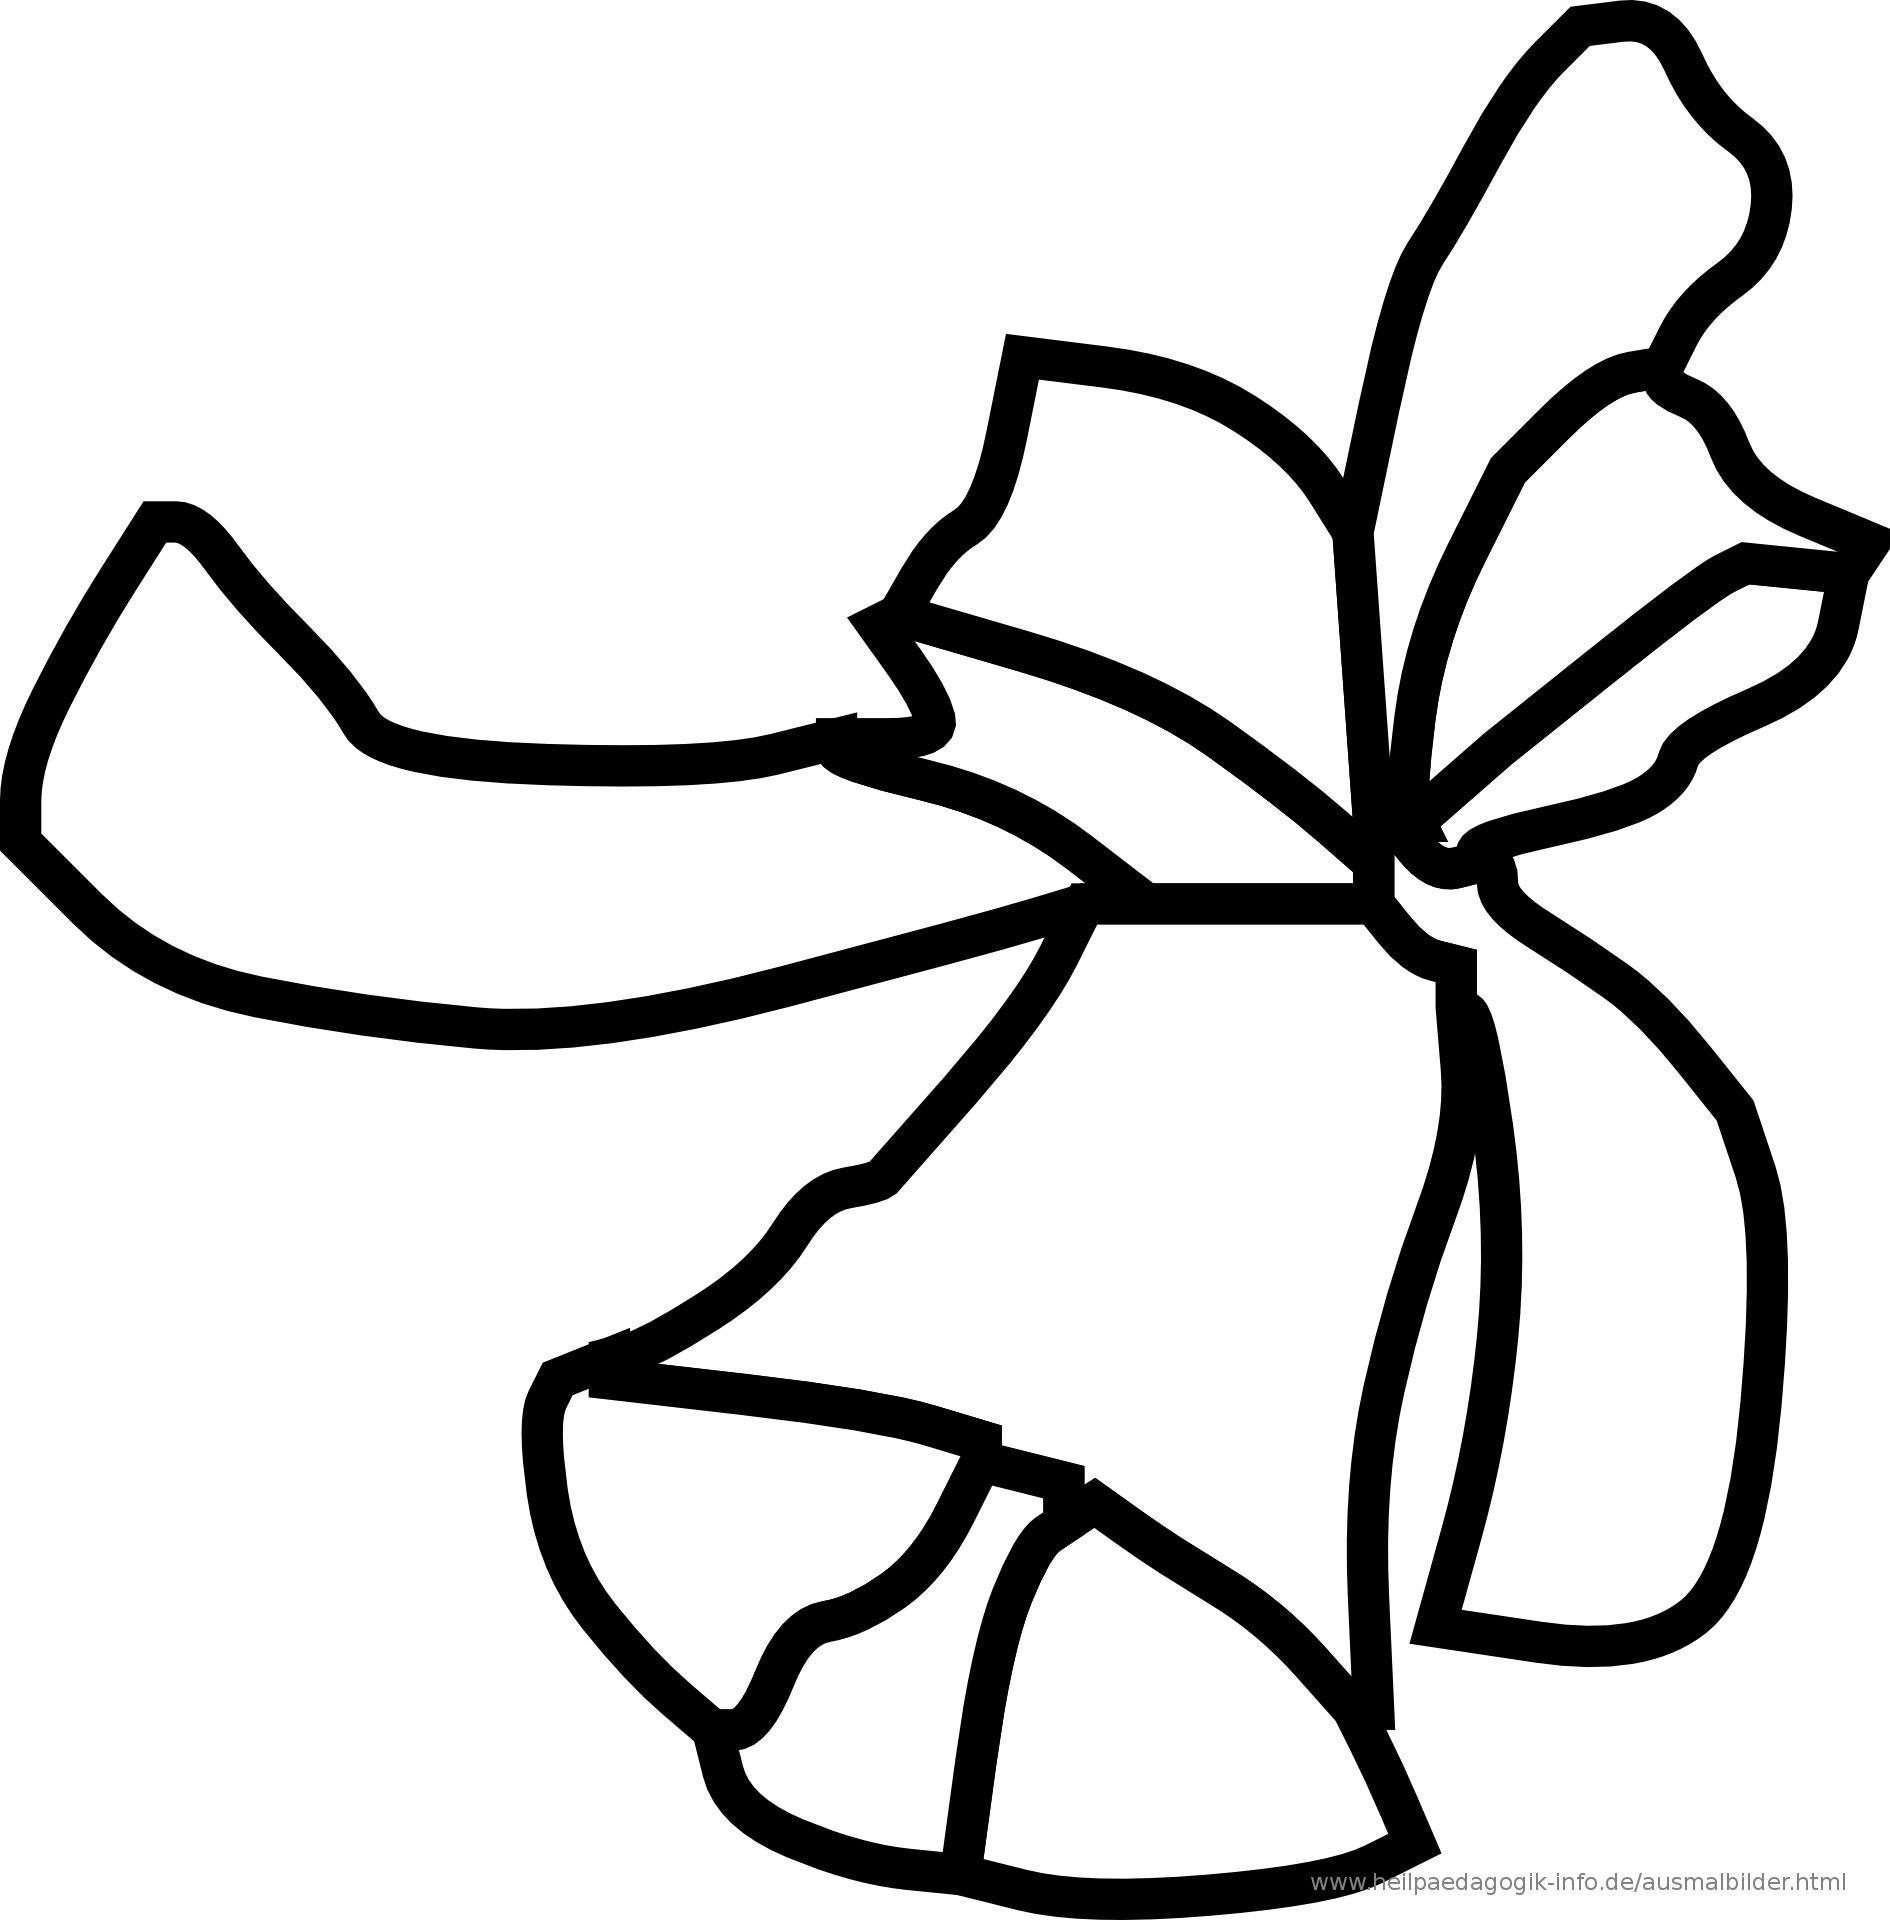 Rentier Zum Ausmalen Genial Ausmalbilder Weihnachten Luxus Weihnachten Ausmalbilder Rentier Bild